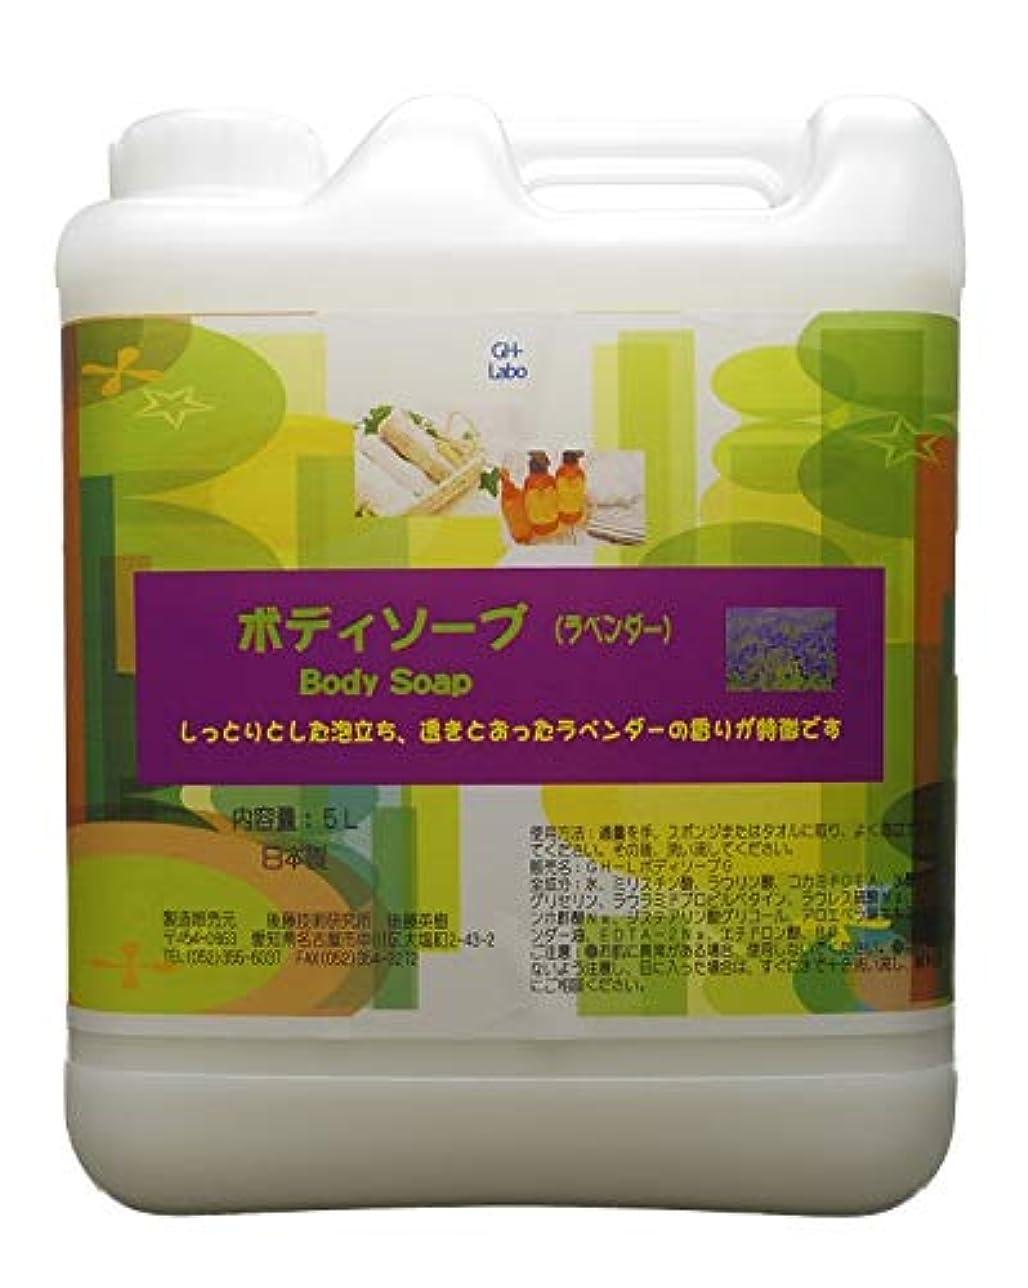 月曜エンターテインメントネストGH-Labo 業務用ボディソープ ラベンダーの香り 5L